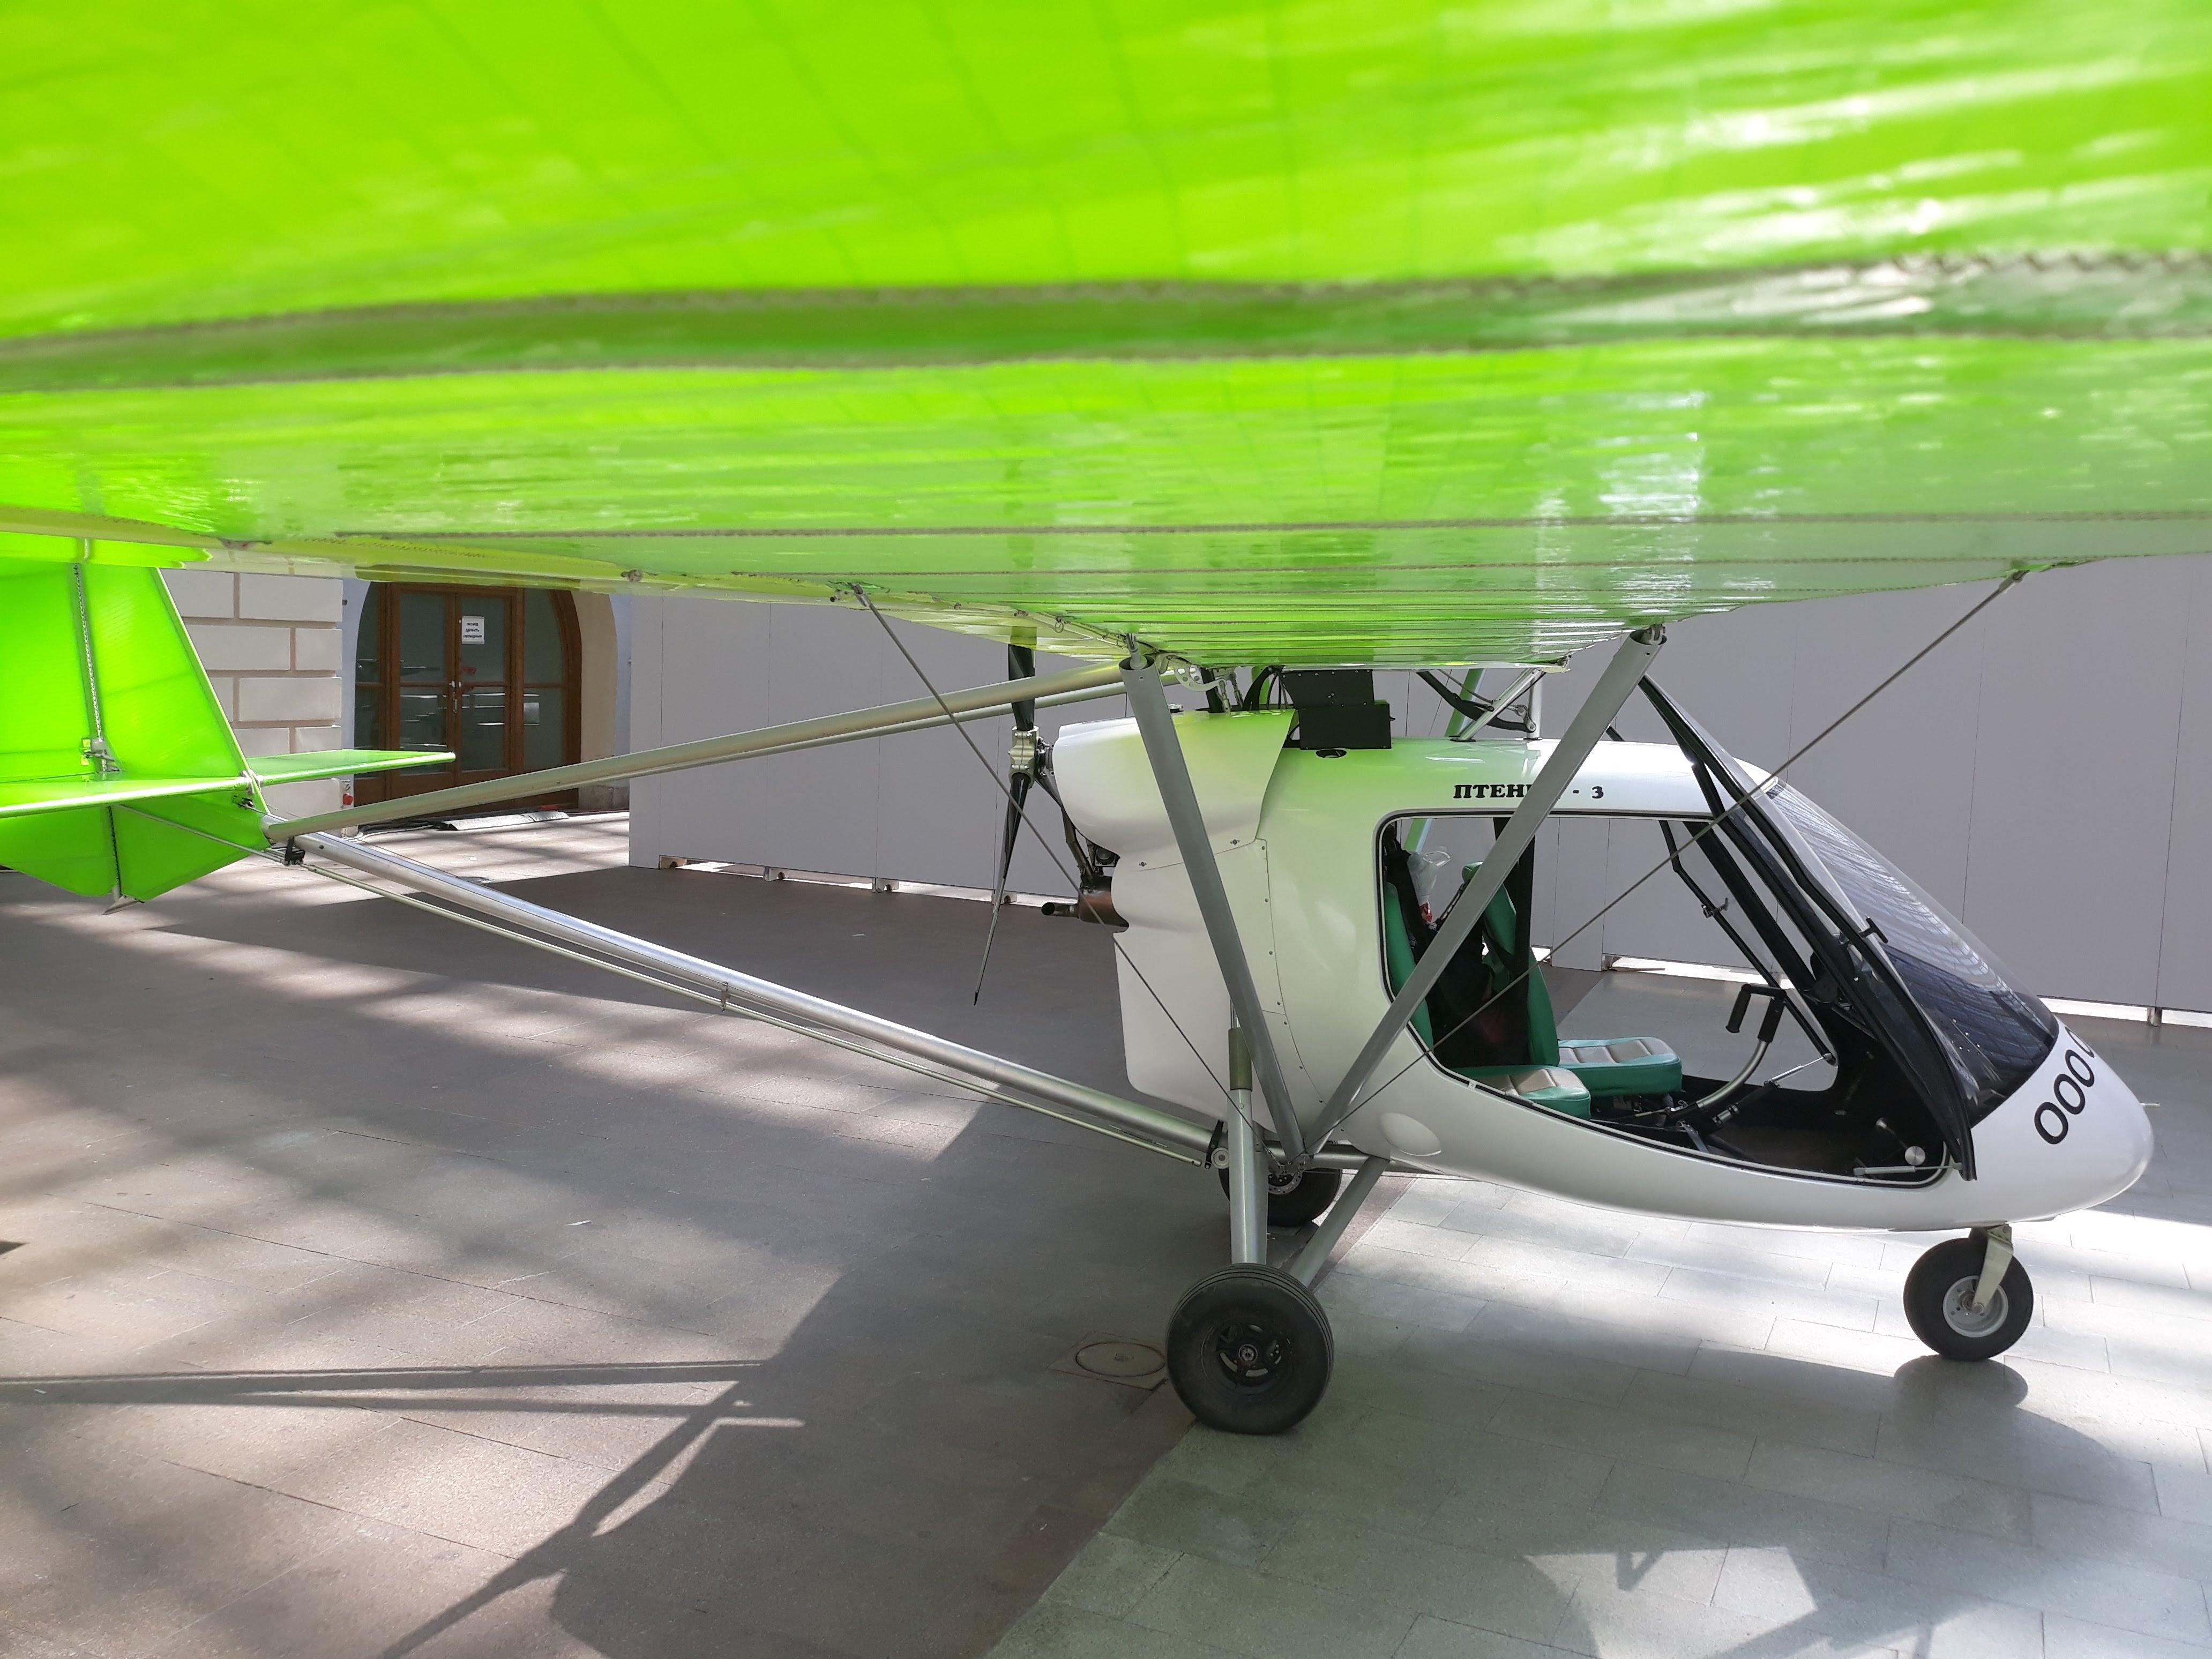 Под крылом самолёта Птенец-3